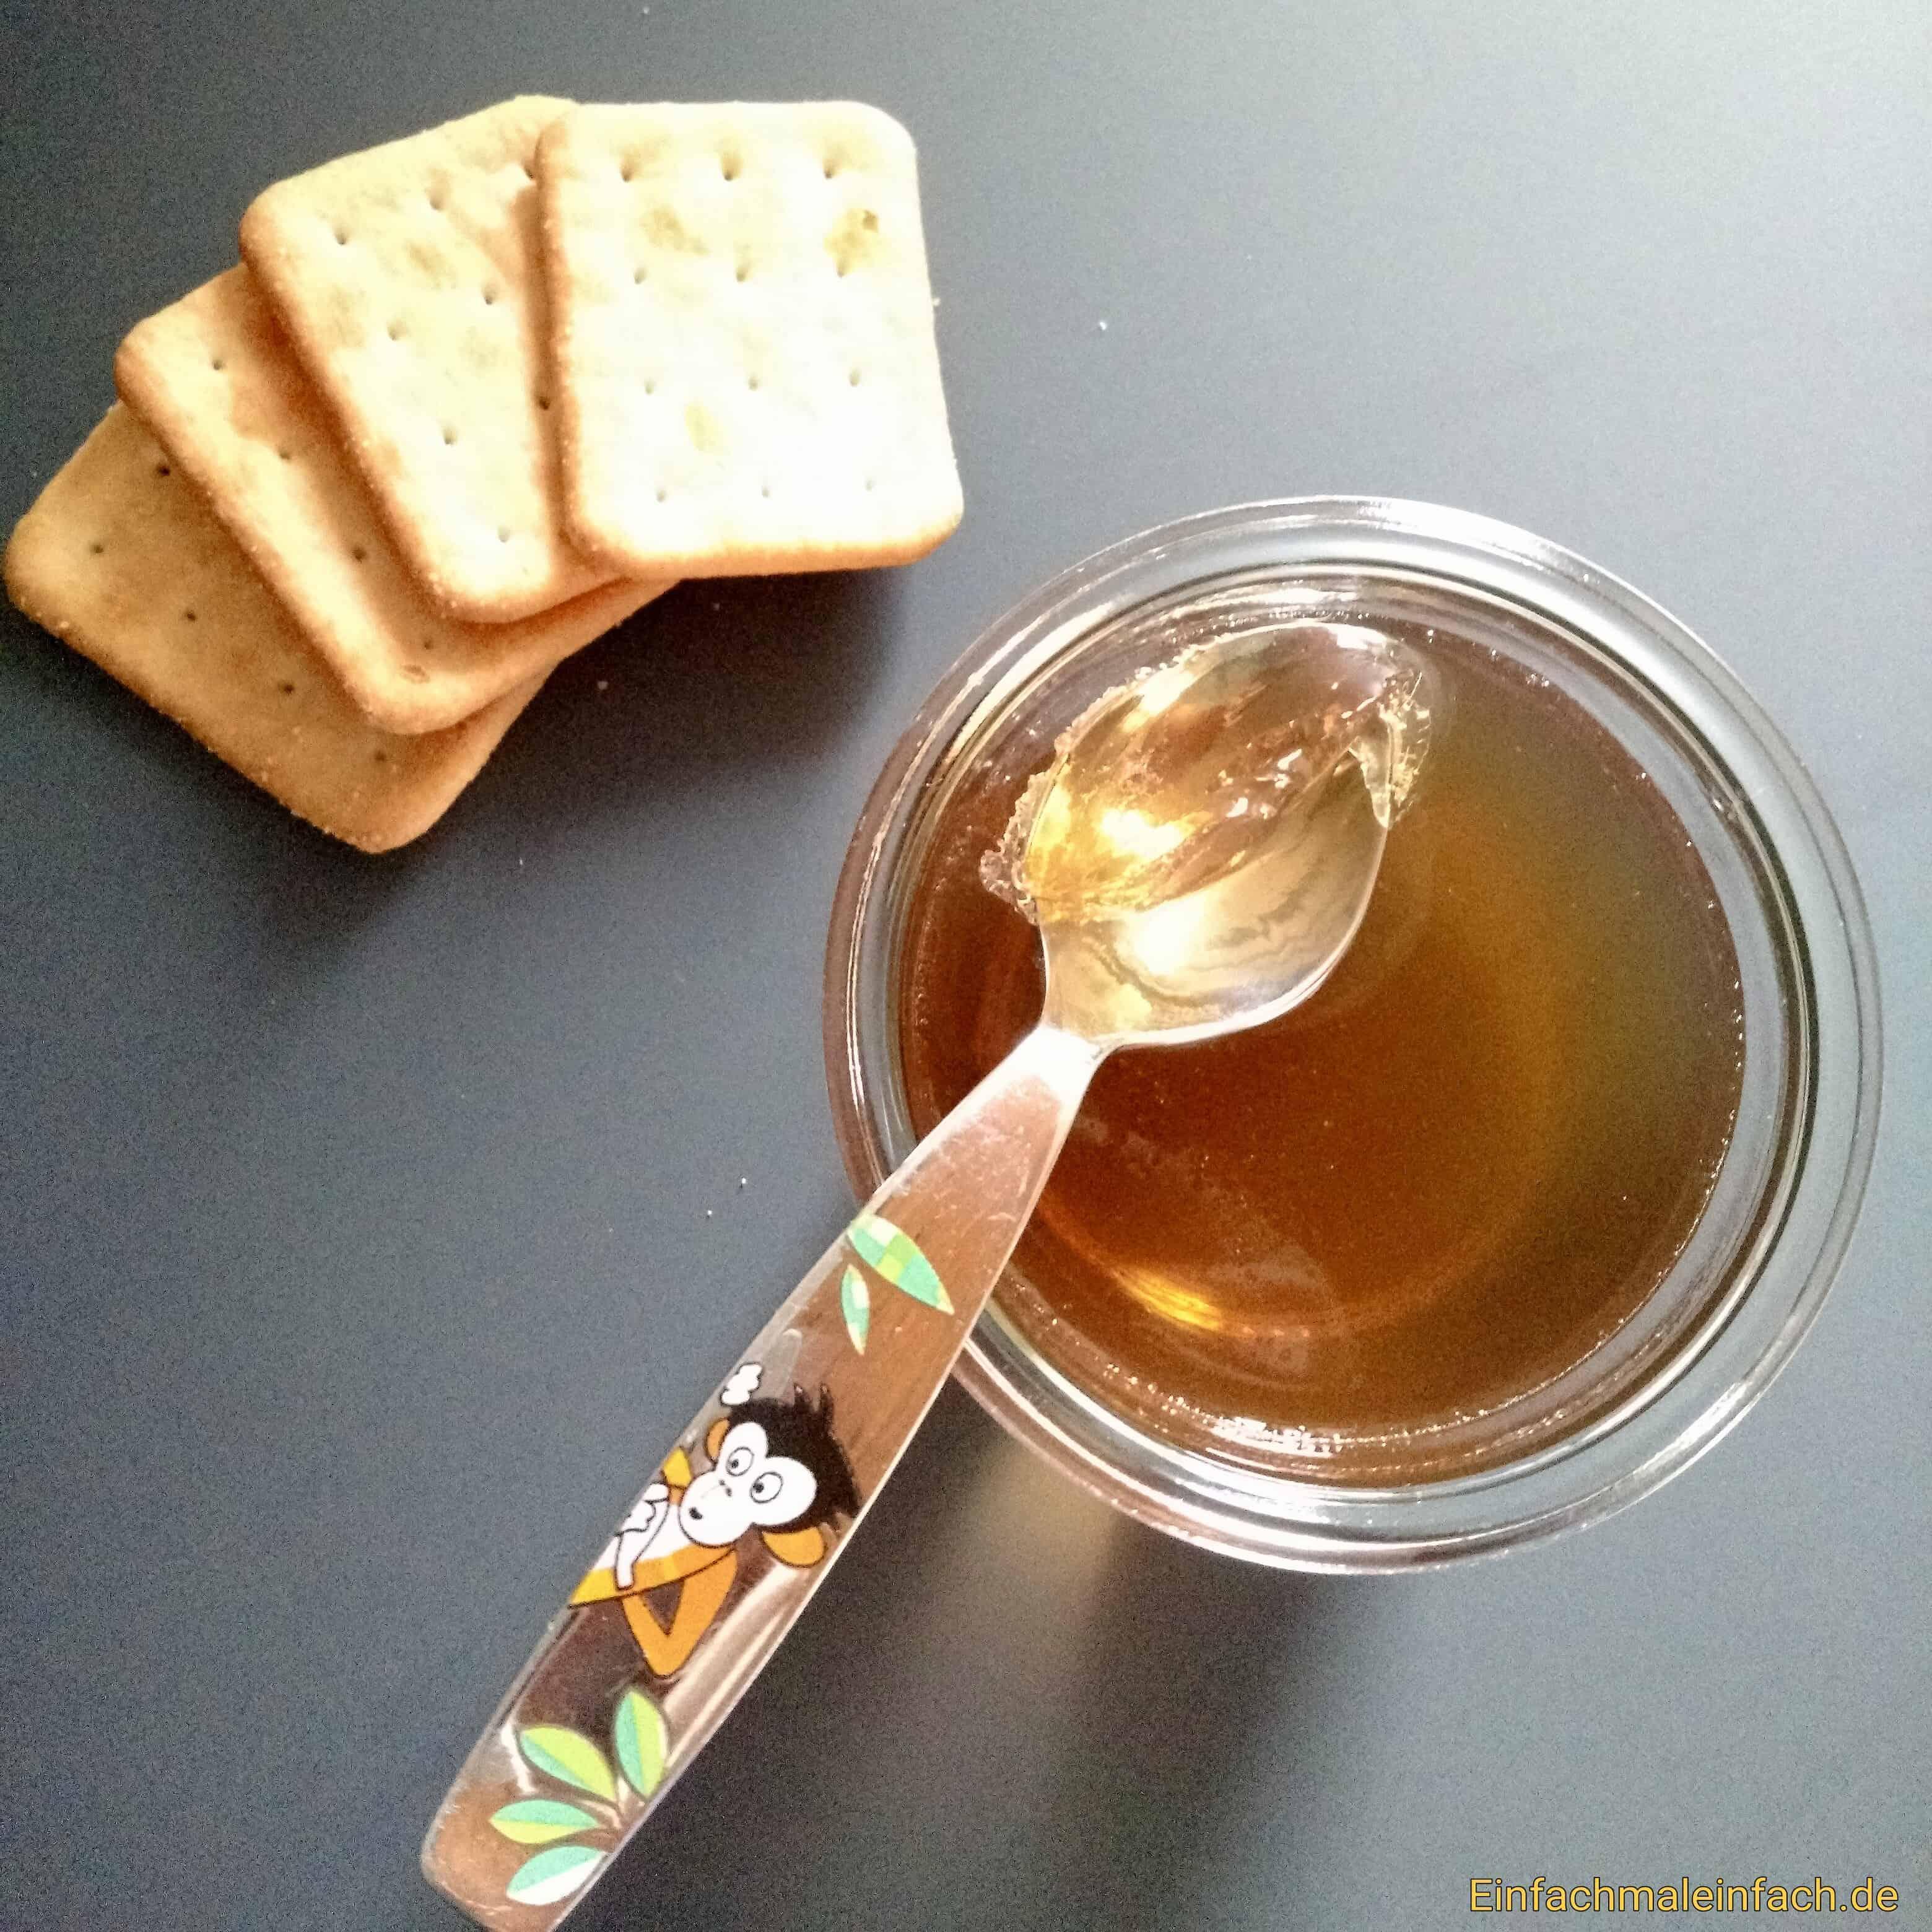 Cracker und selbstgemachter Wackelpudding aus Traubensaft sind nahrhaft und erfrischend